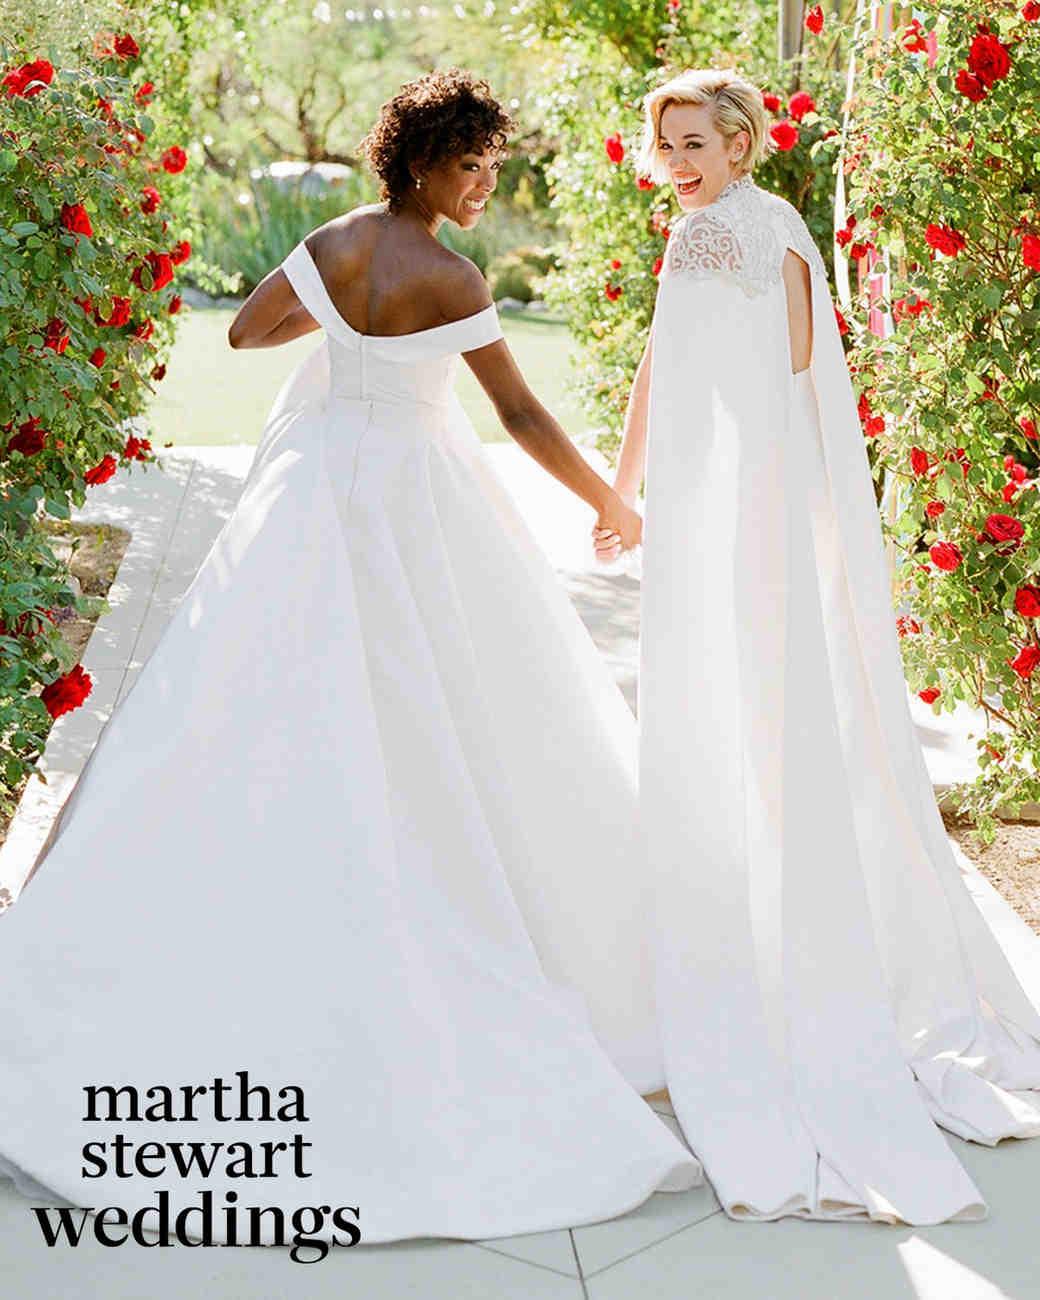 Exclusive See Samira Wiley And Lauren Morelli S